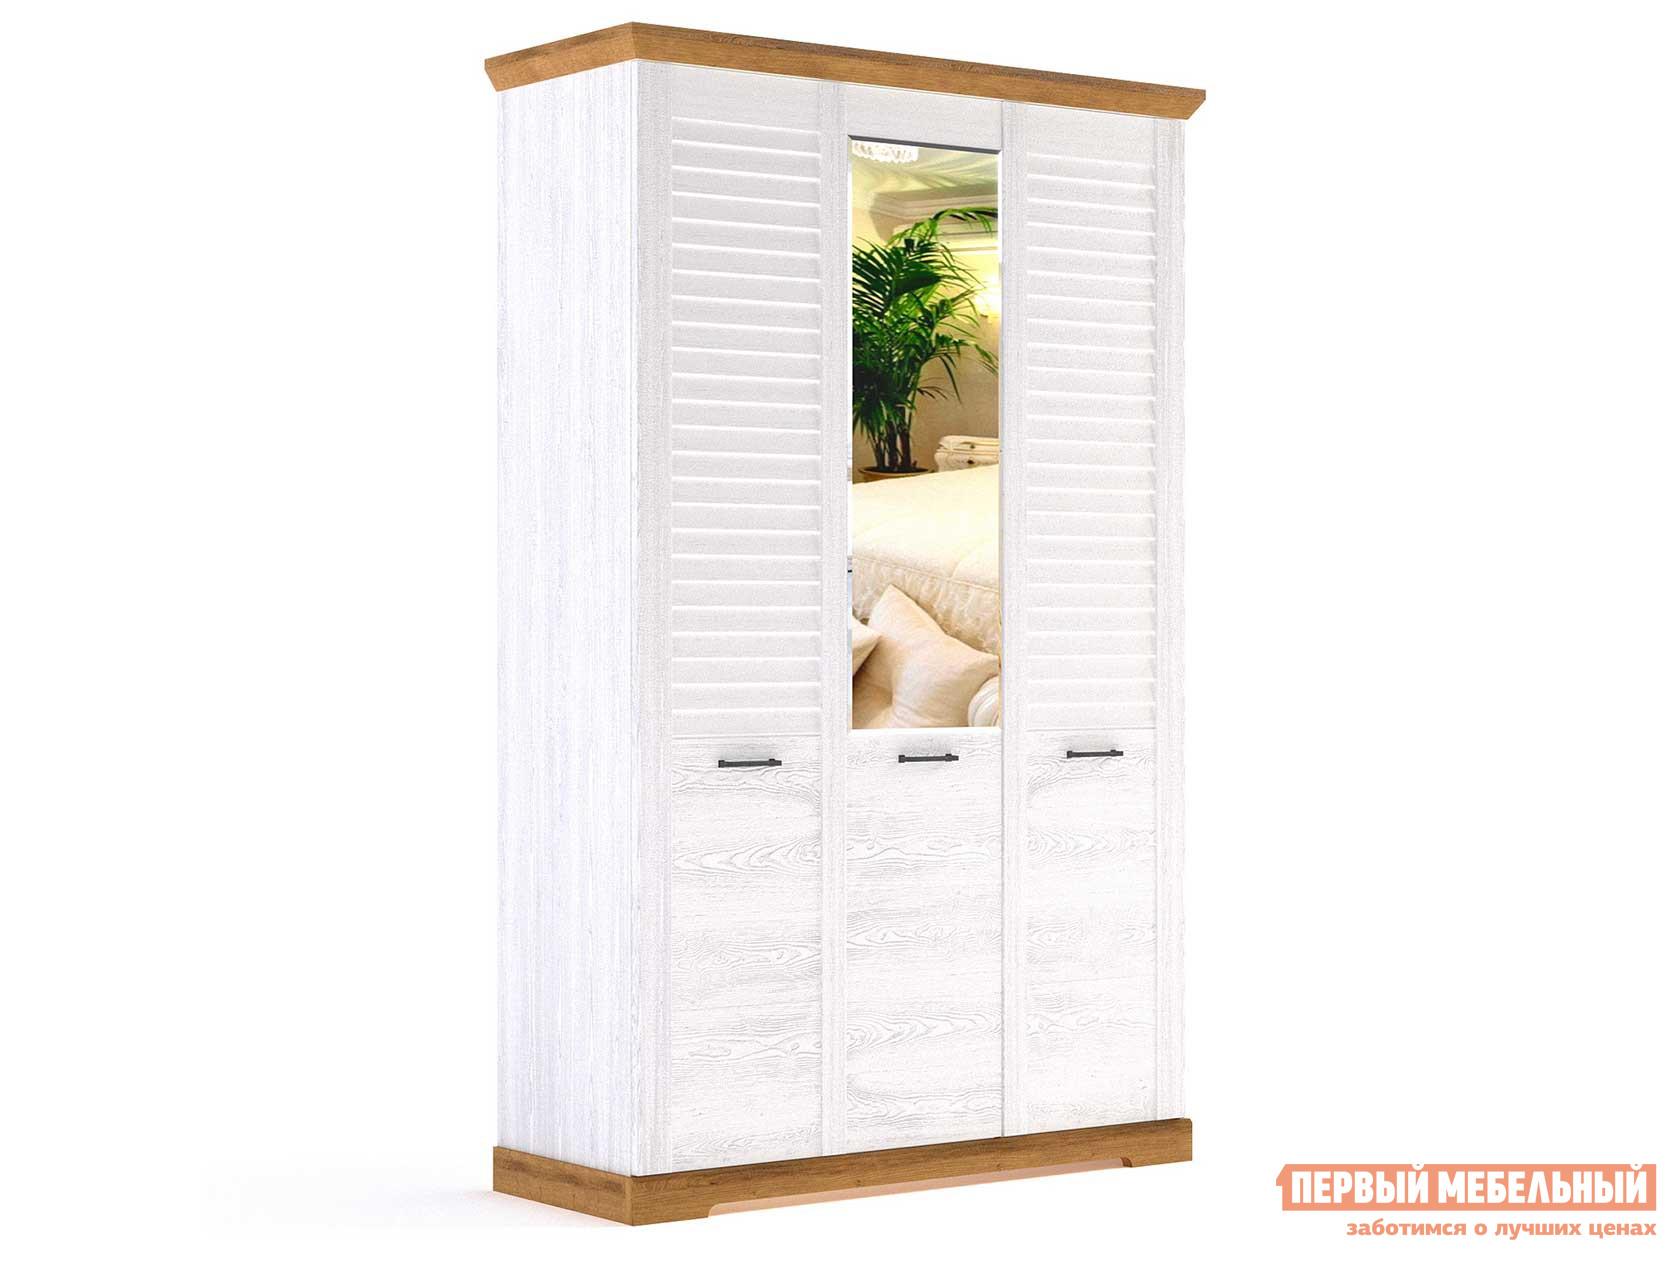 Шкаф распашной Первый Мебельный Спальня Кантри Шкаф 3-х дверный шкаф распашной первый мебельный м 1 шкаф 2 х дверный